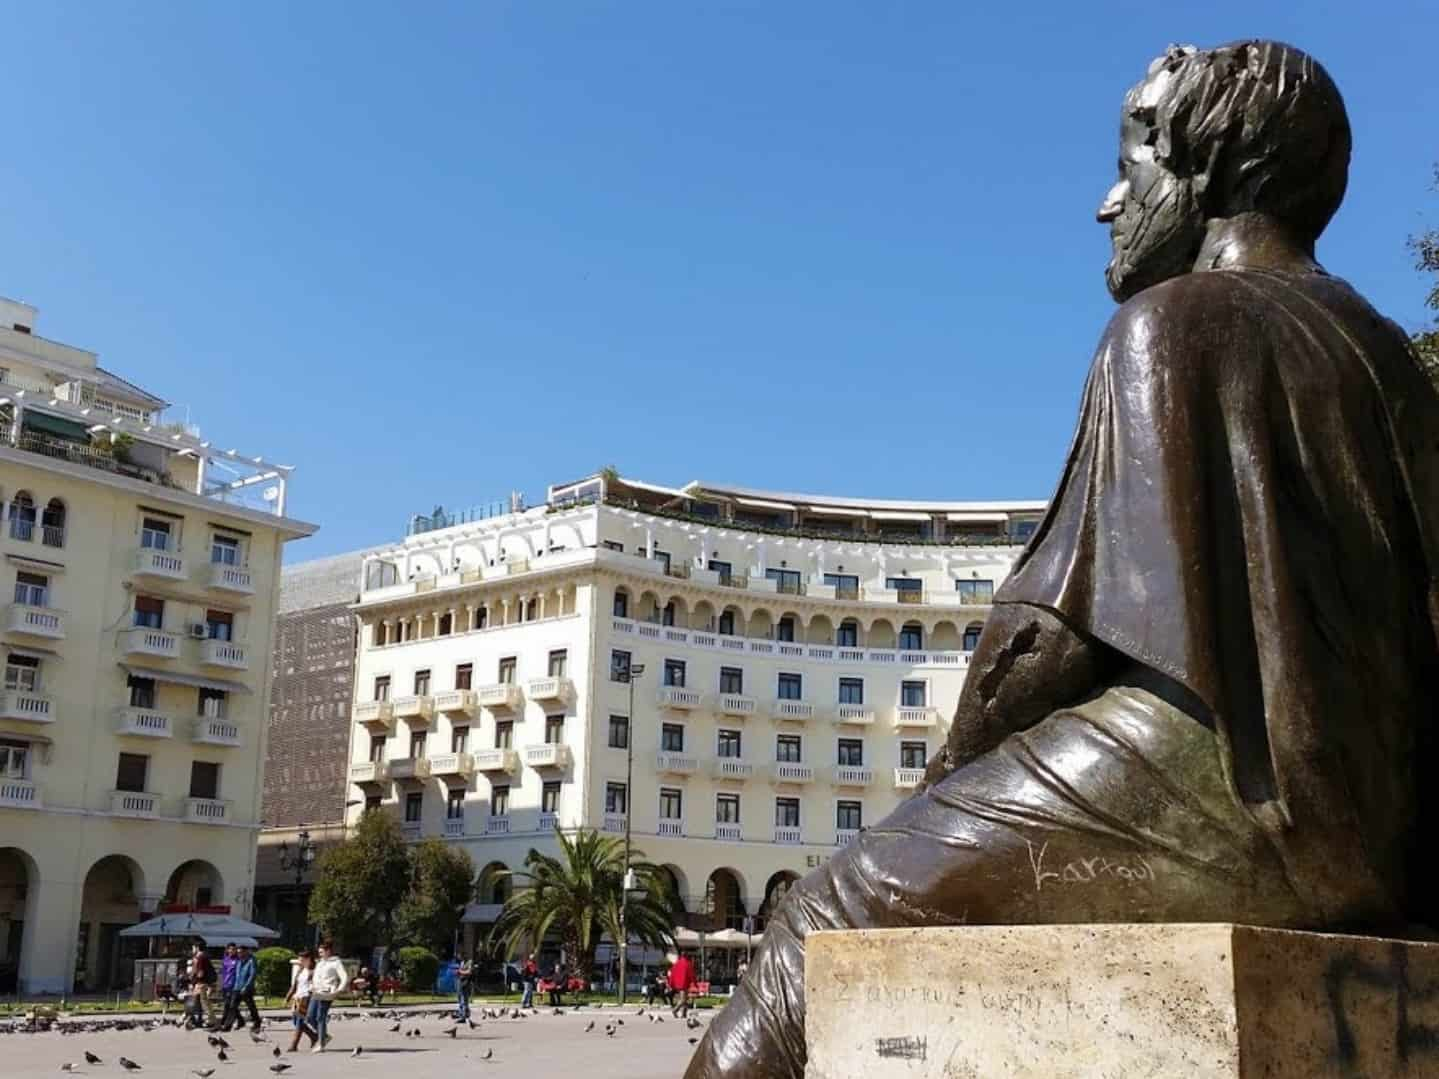 אריסטו בכיכר הקרויה על שמו